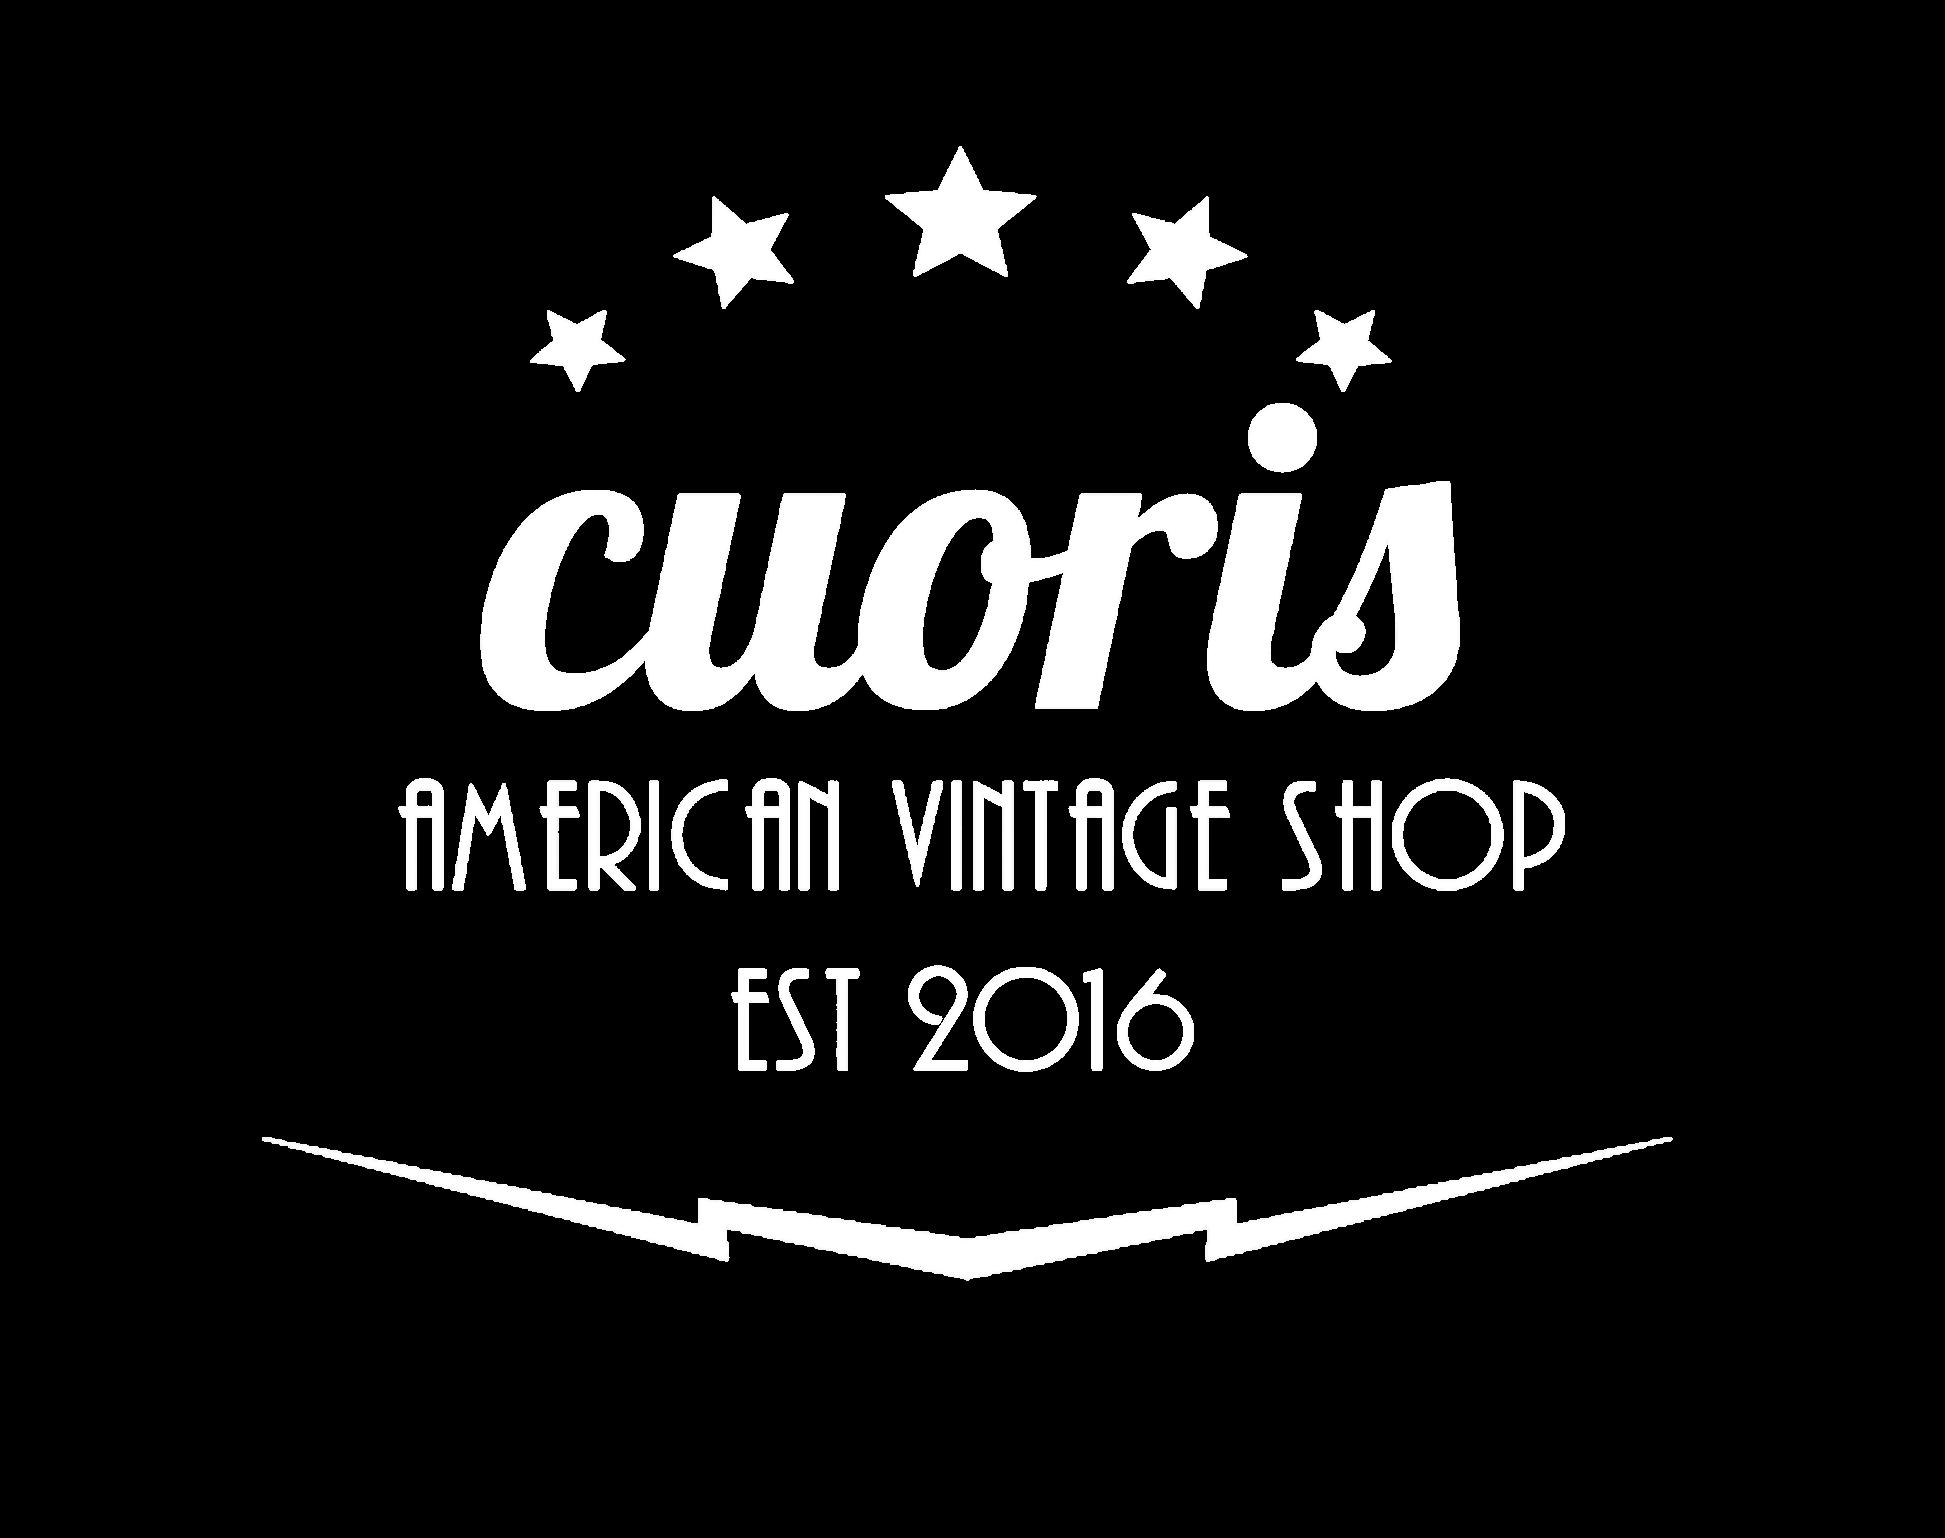 アメリカン雑貨やヴィンテージ雑貨のお店 cuoris(クオリス)